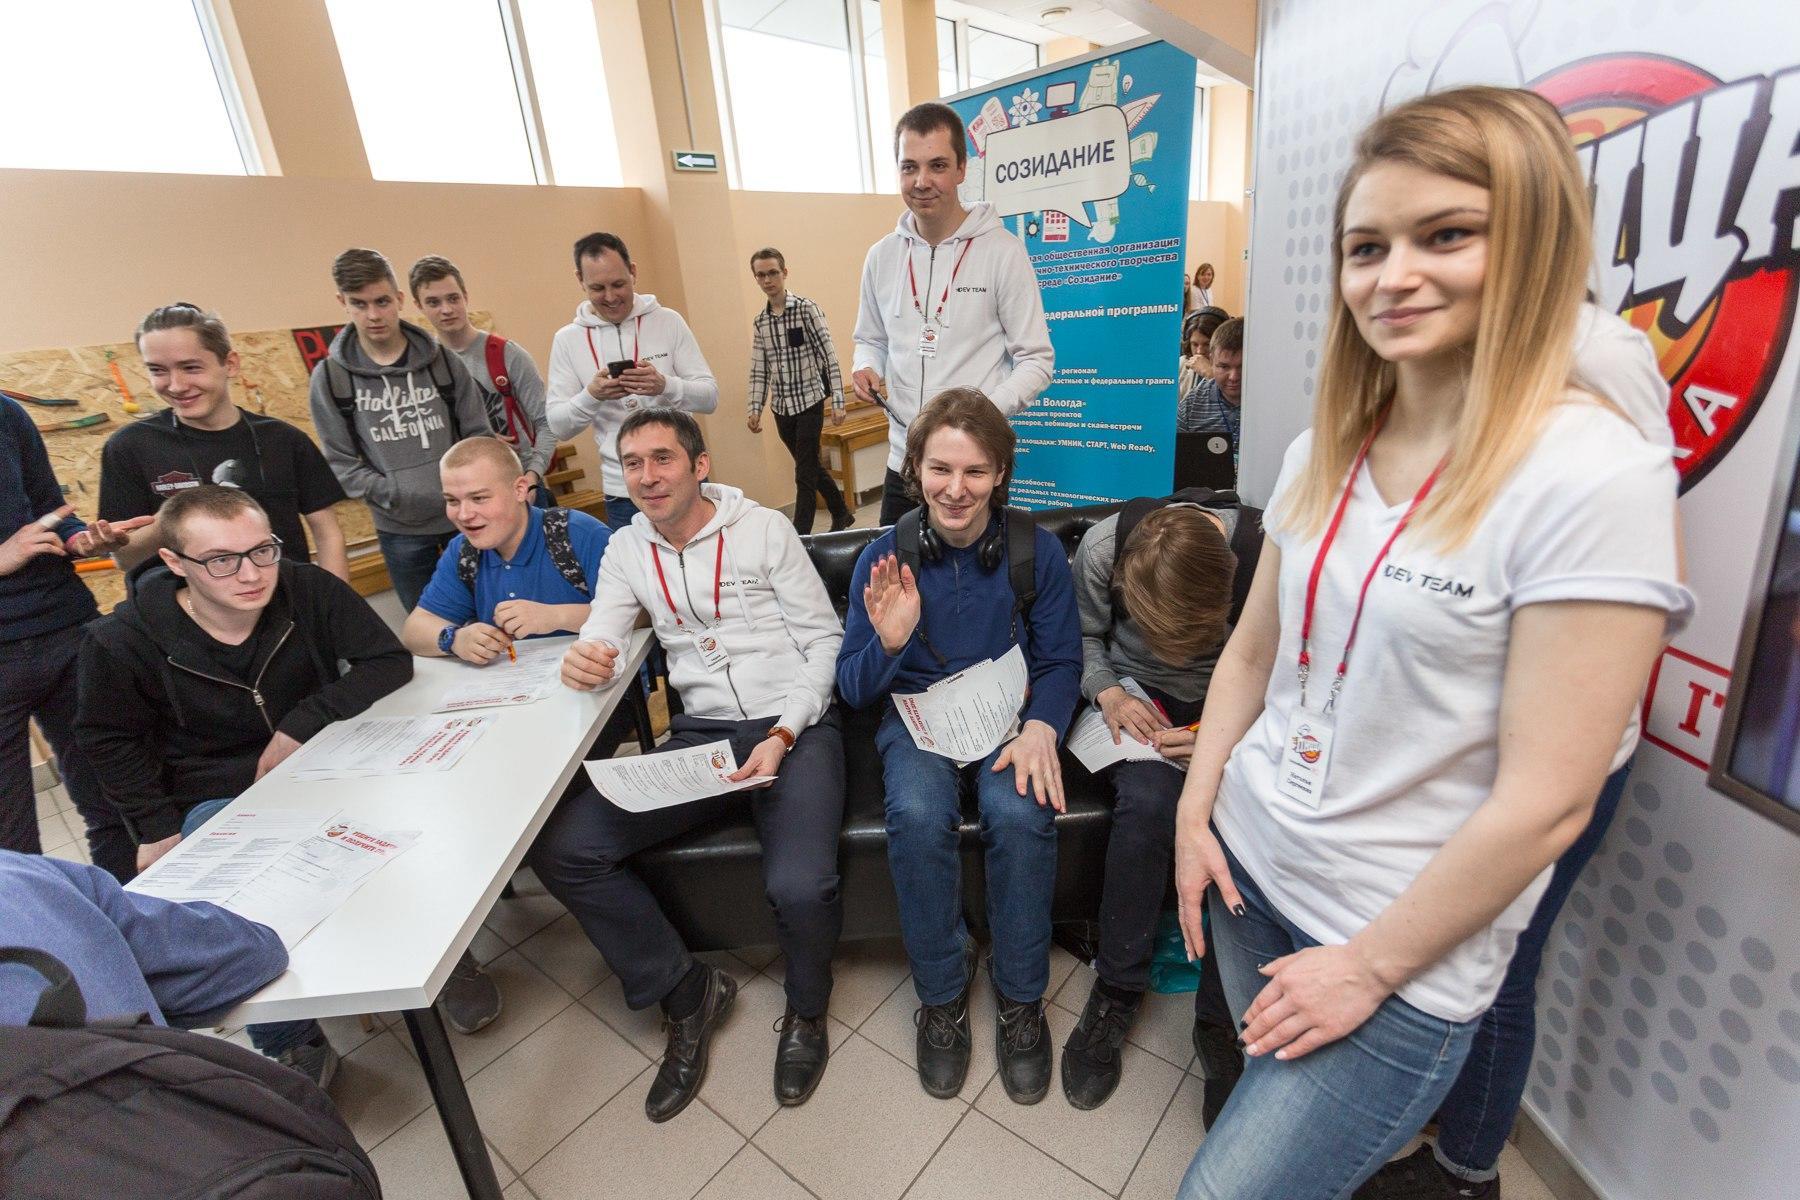 Участвуем в IT форуме — привлекаем специалистов! 2018